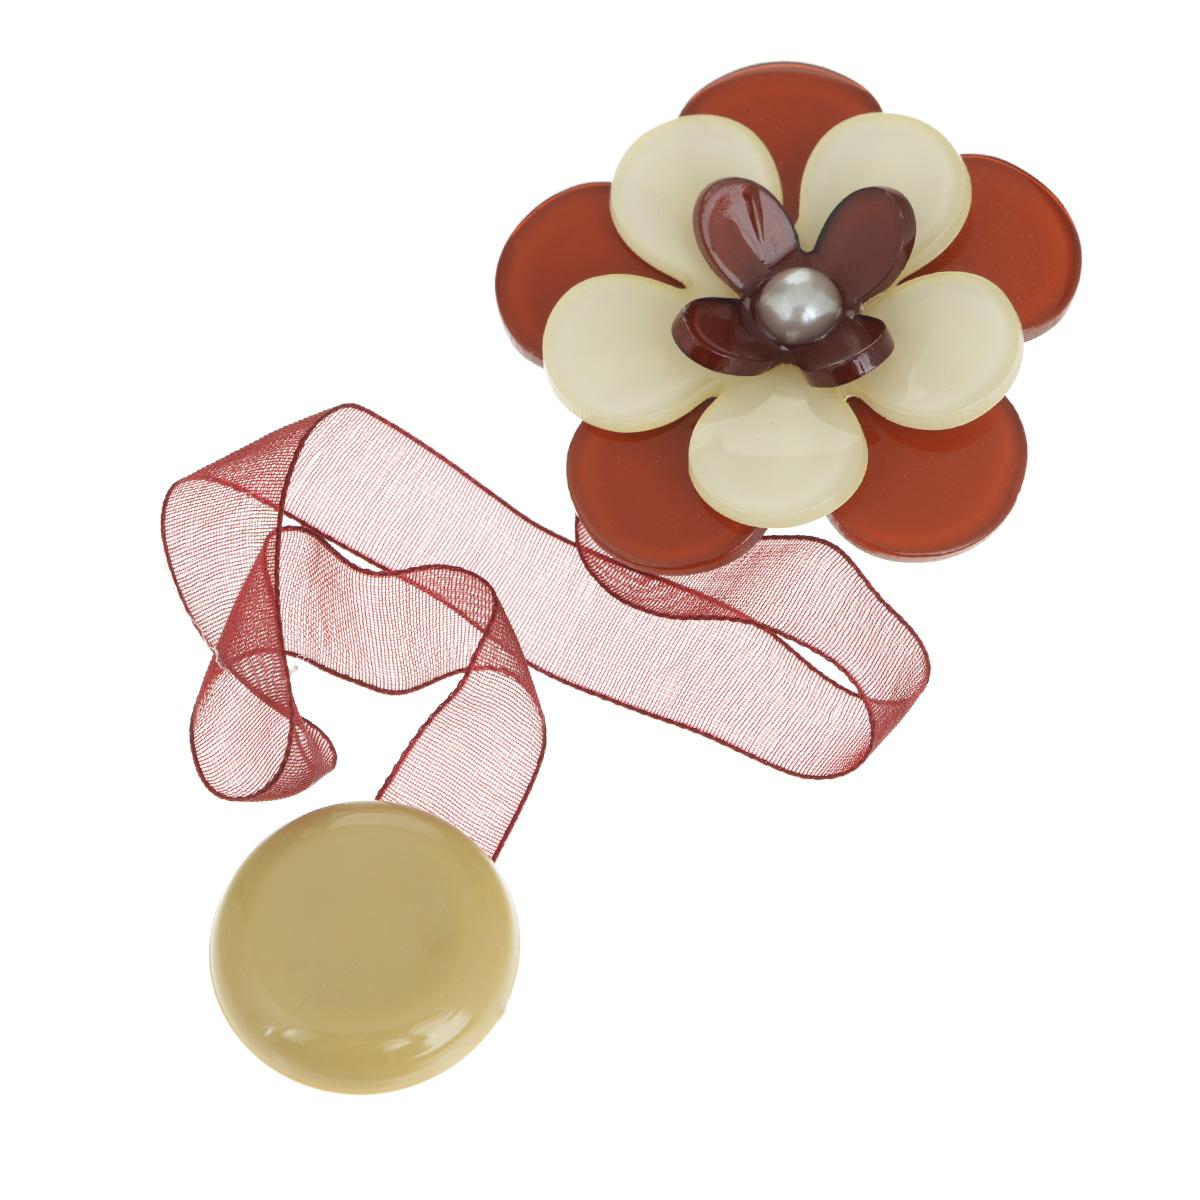 Клипса-магнит для штор Calamita Fiore, цвет: бордовый, бежевый. 7704013_6331004900000360Клипса-магнит Calamita Fiore, изготовленная из пластика и полиэстера, предназначена для придания формы шторам. Изделие представляет собой два магнита, расположенные на разных концах текстильной ленты. Один из магнитов оформлен декоративным цветком. С помощью такой магнитной клипсы можно зафиксировать портьеры, придать им требуемое положение, сделать складки симметричными или приблизить портьеры, скрепить их. Клипсы для штор являются универсальным изделием, которое превосходно подойдет как для штор в детской комнате, так и для штор в гостиной. Следует отметить, что клипсы для штор выполняют не только практическую функцию, но также являются одной из основных деталей декора, которая придает шторам восхитительный, стильный внешний вид.Диаметр декоративного цветка: 5 см.Длина ленты: 28 см.